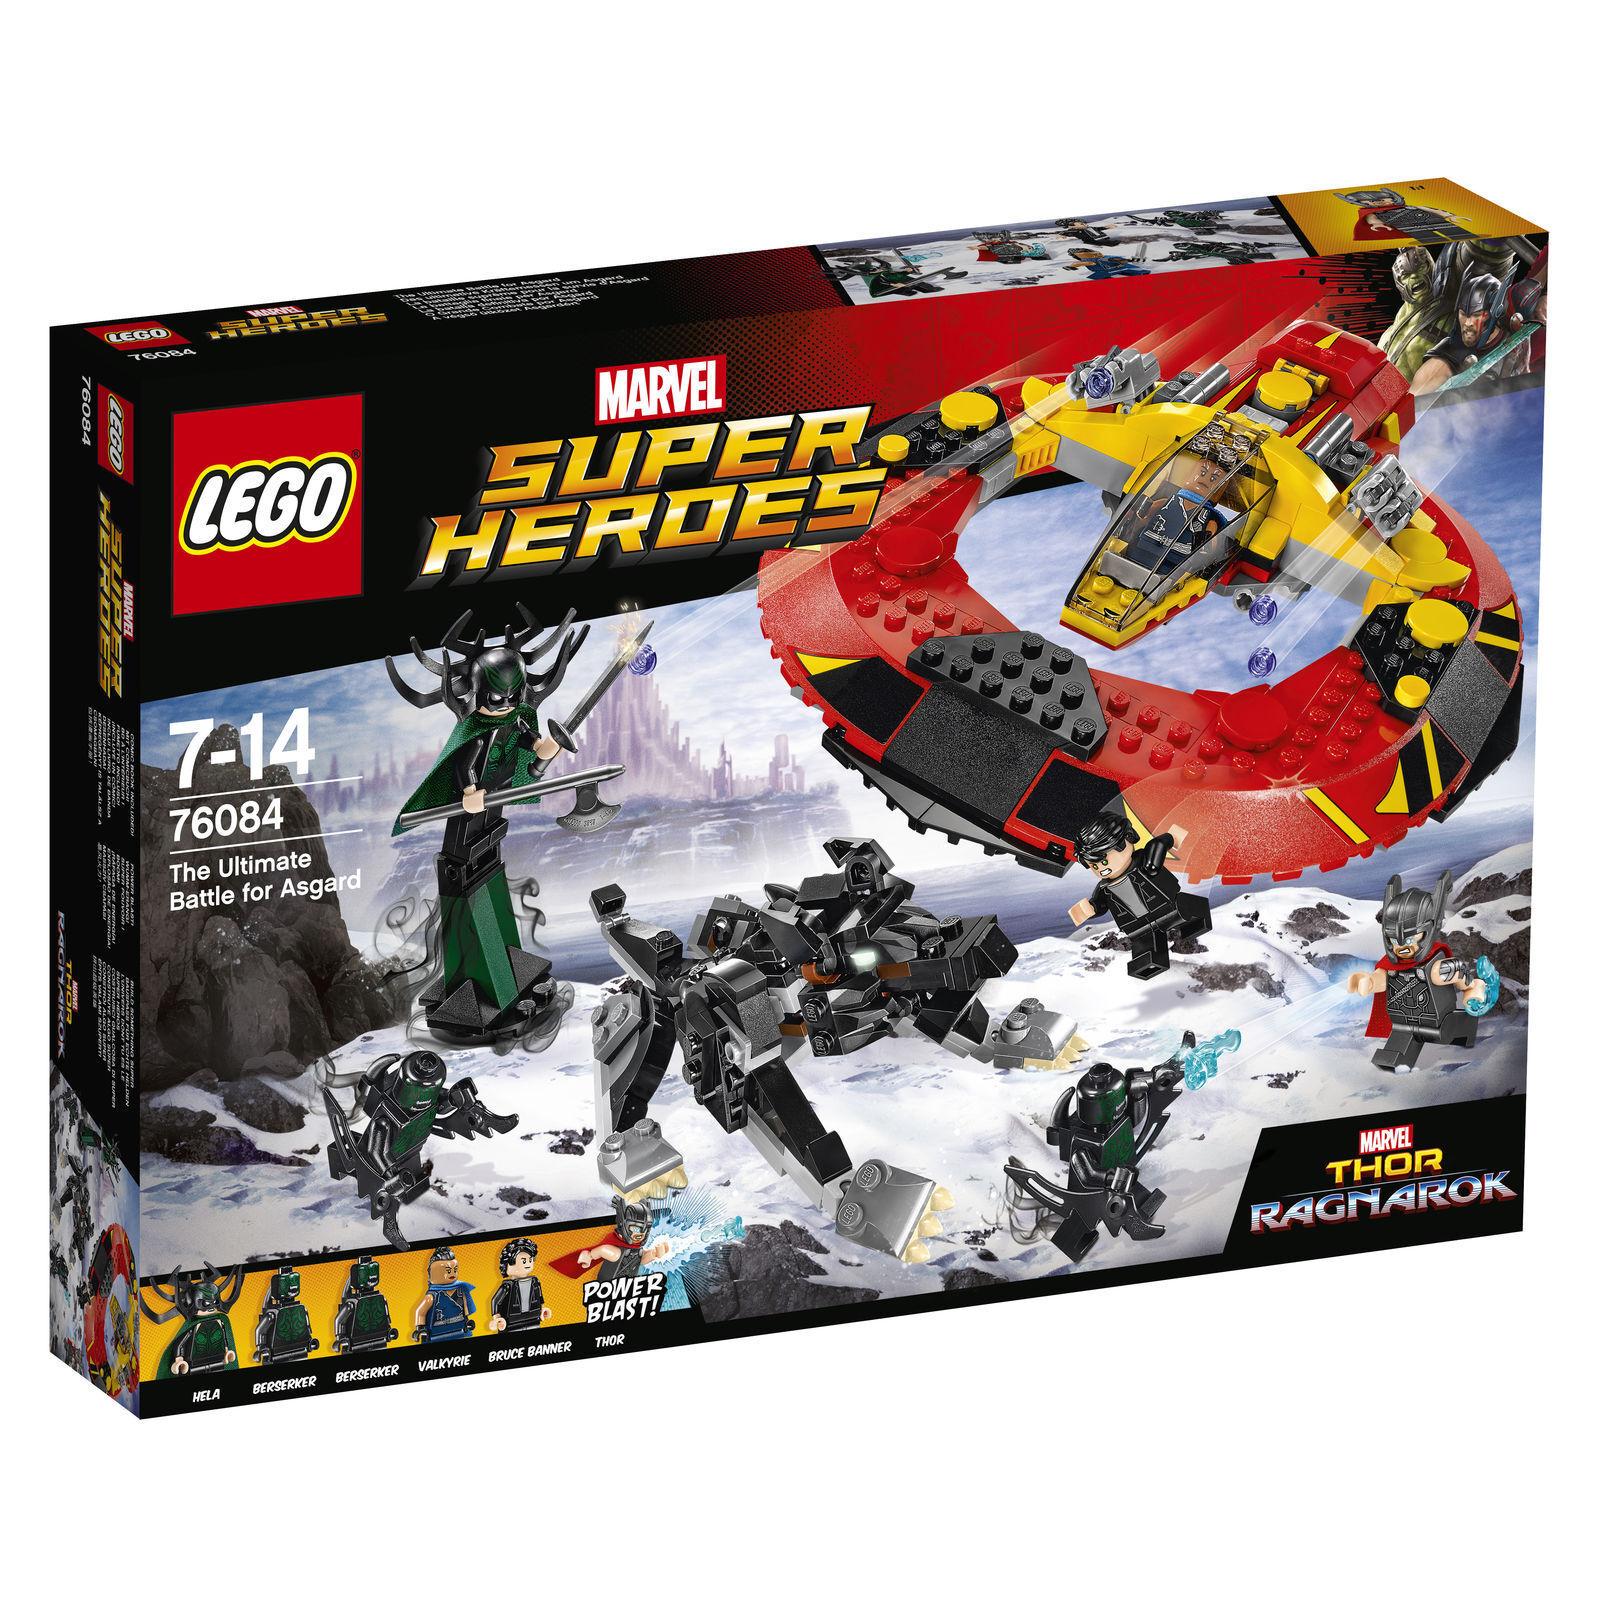 LEGO MARVEL SUPER HEROES l'arma finale misurare le forze per Asgard  76084  + OVP +